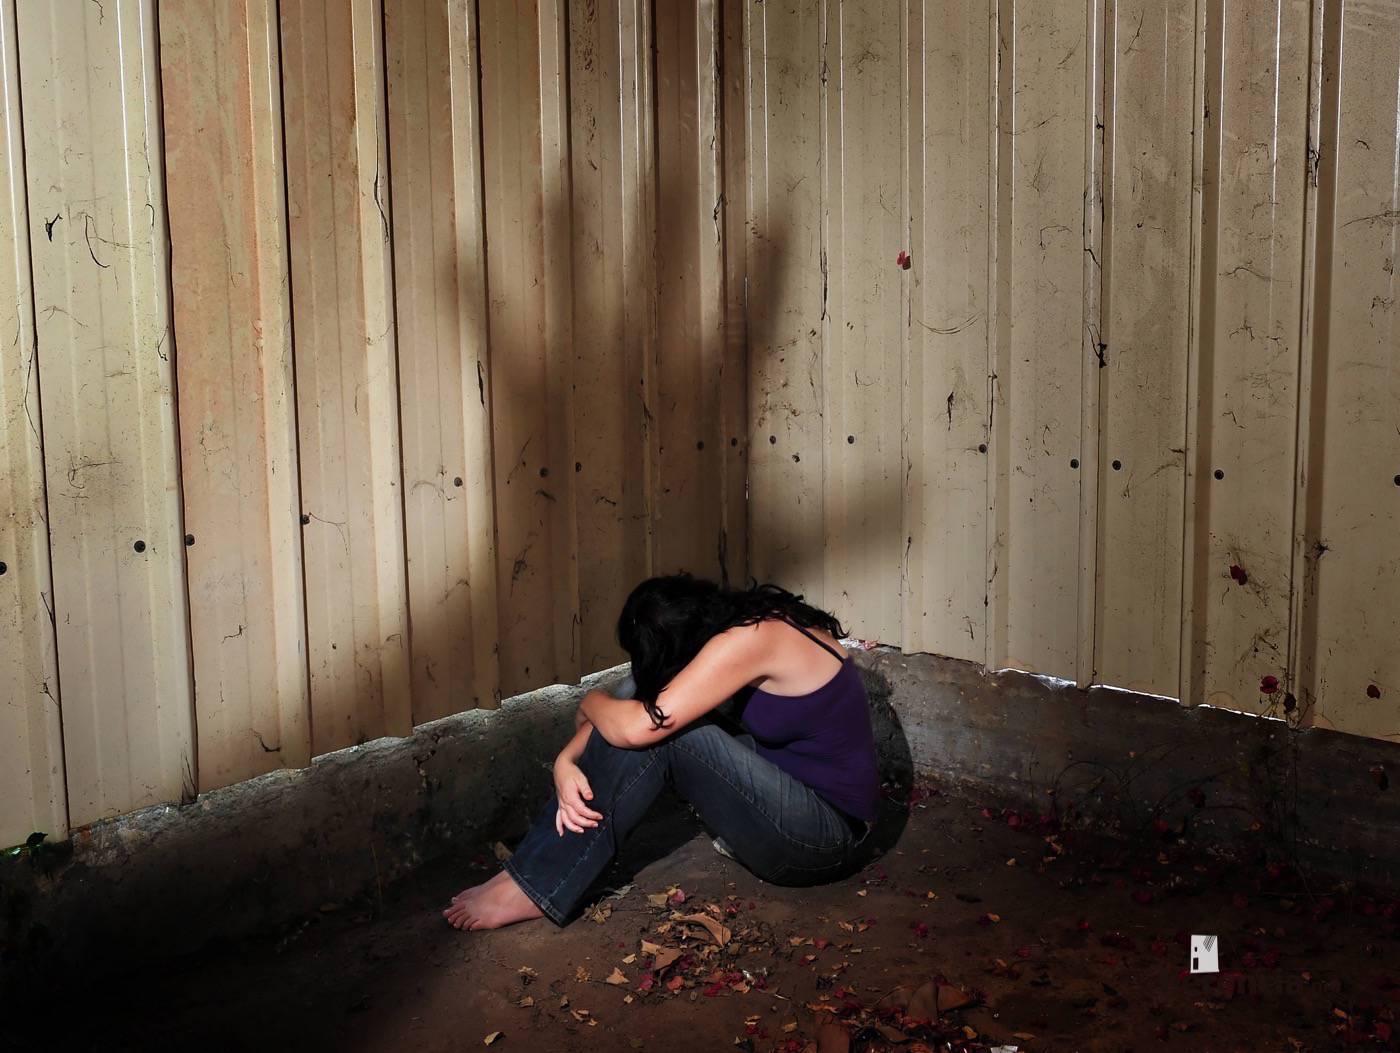 violencia y abusos 0 - Acusado por reiterados abusos a un menor se enfrenta a 10 años de carcel